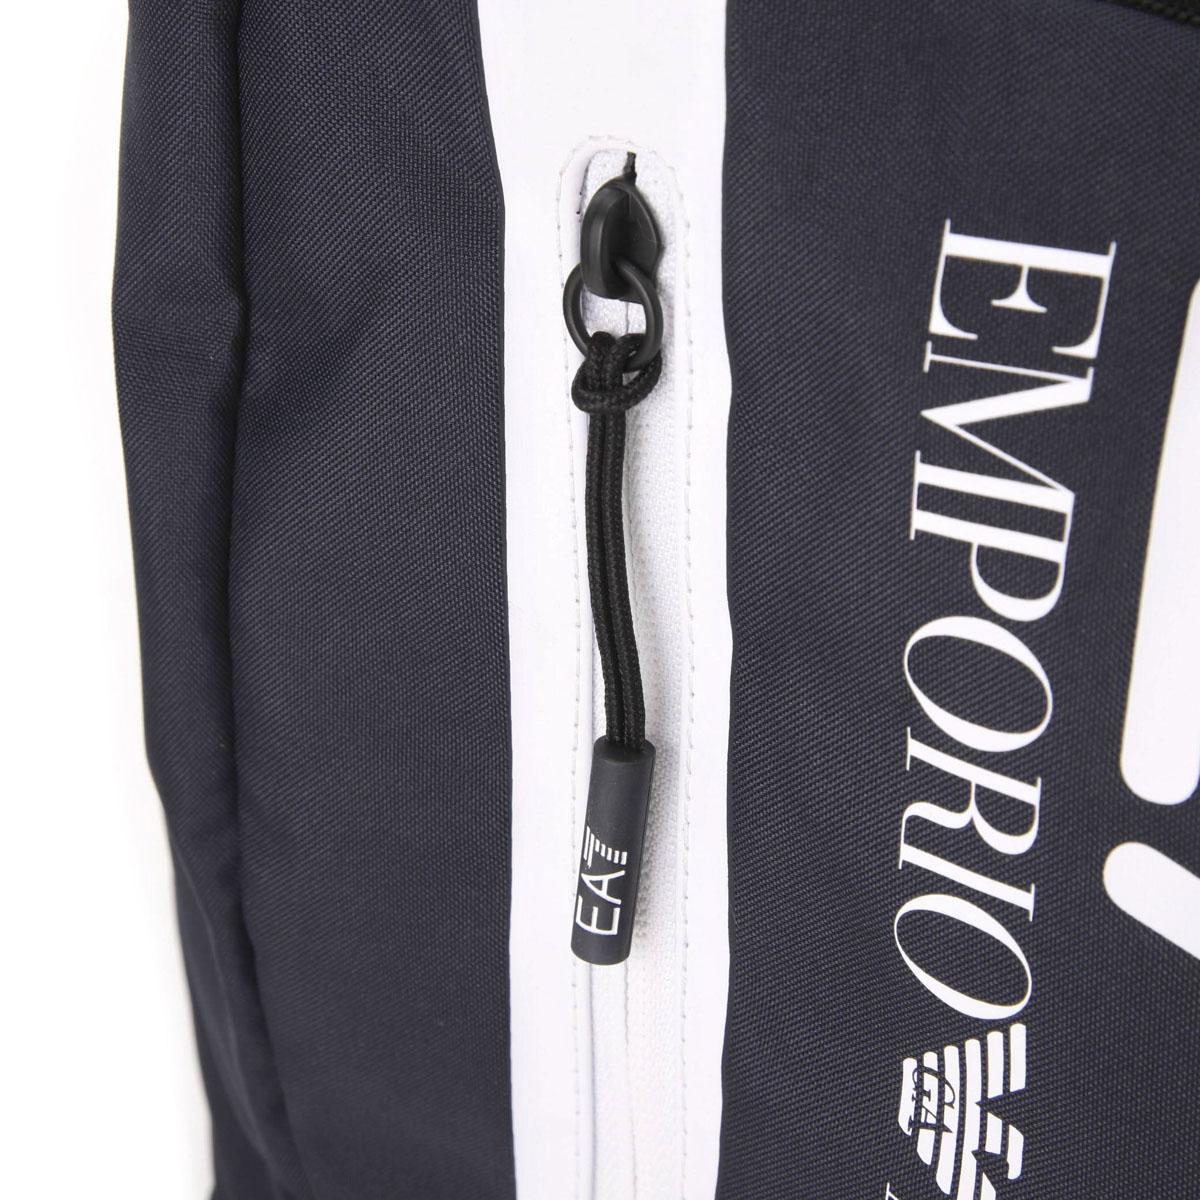 【タイムセール】EA7 EMPORIO ARMANI エンポリオアルマーニ ボストンバッグ 2way/ジムバッグ/TRAIN CORE U GYM BAG メンズ